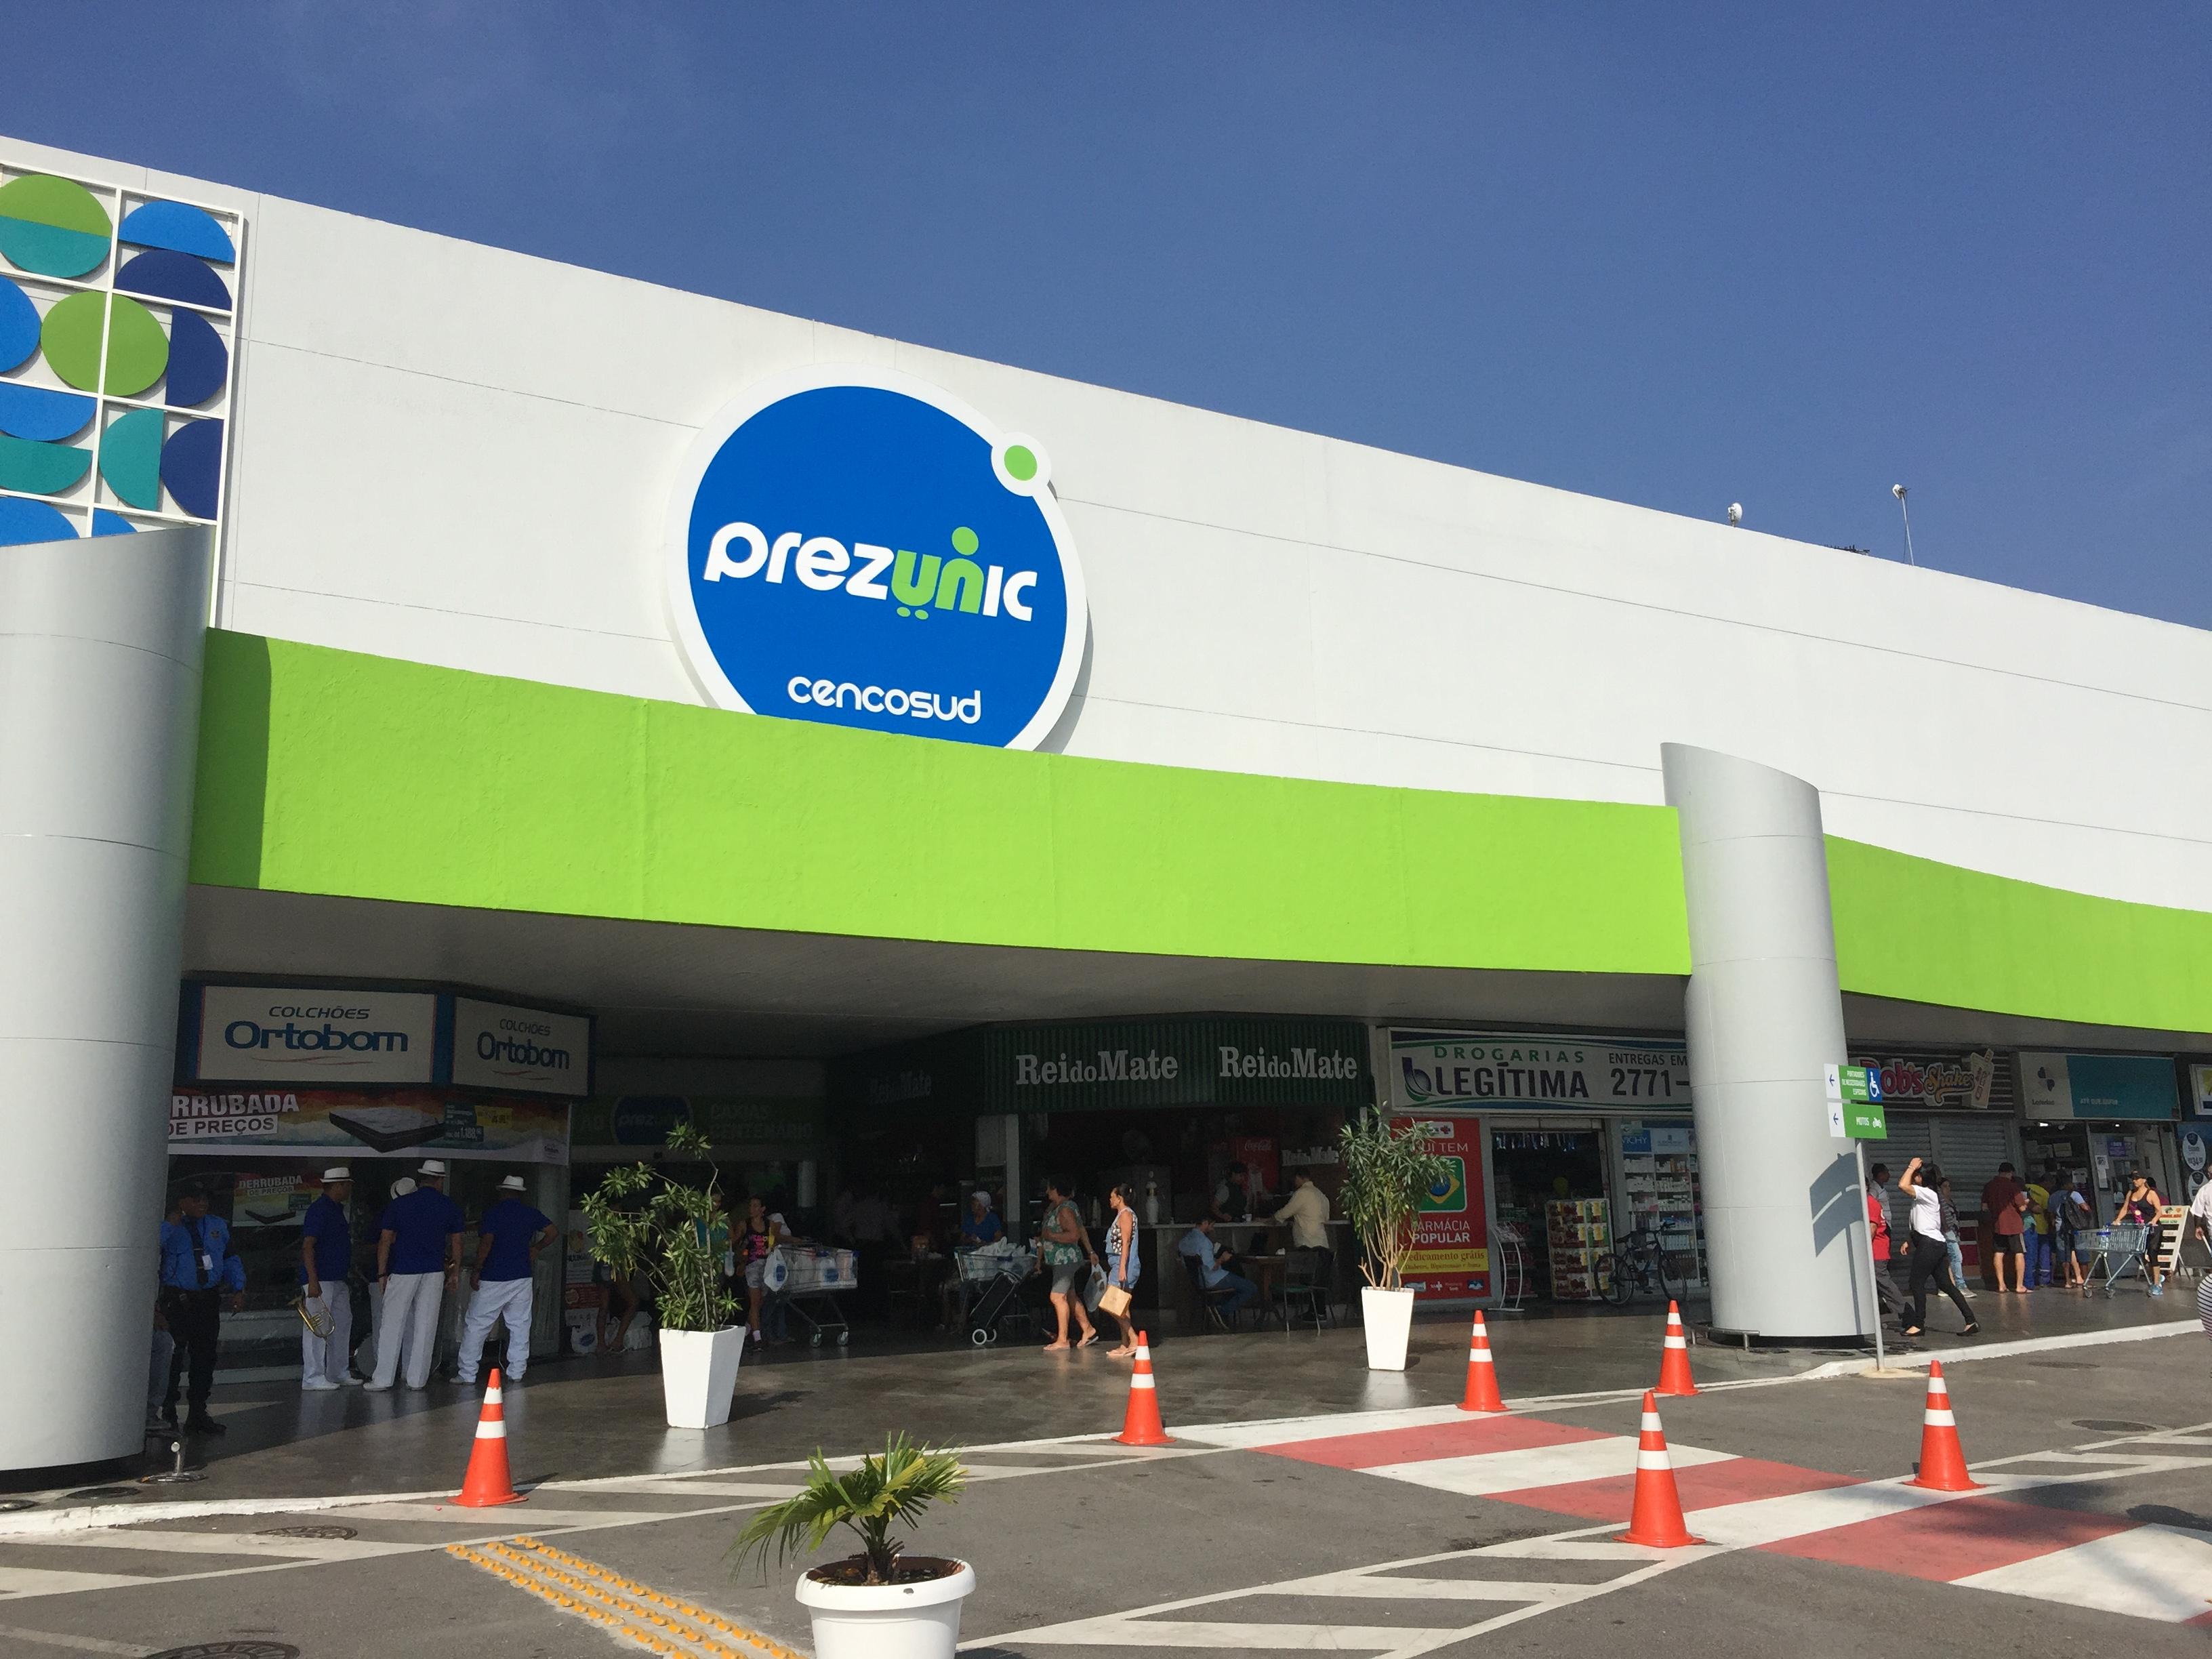 b50955eec Cencosud moderniza lojas do Prezunic no Rio de Janeiro...